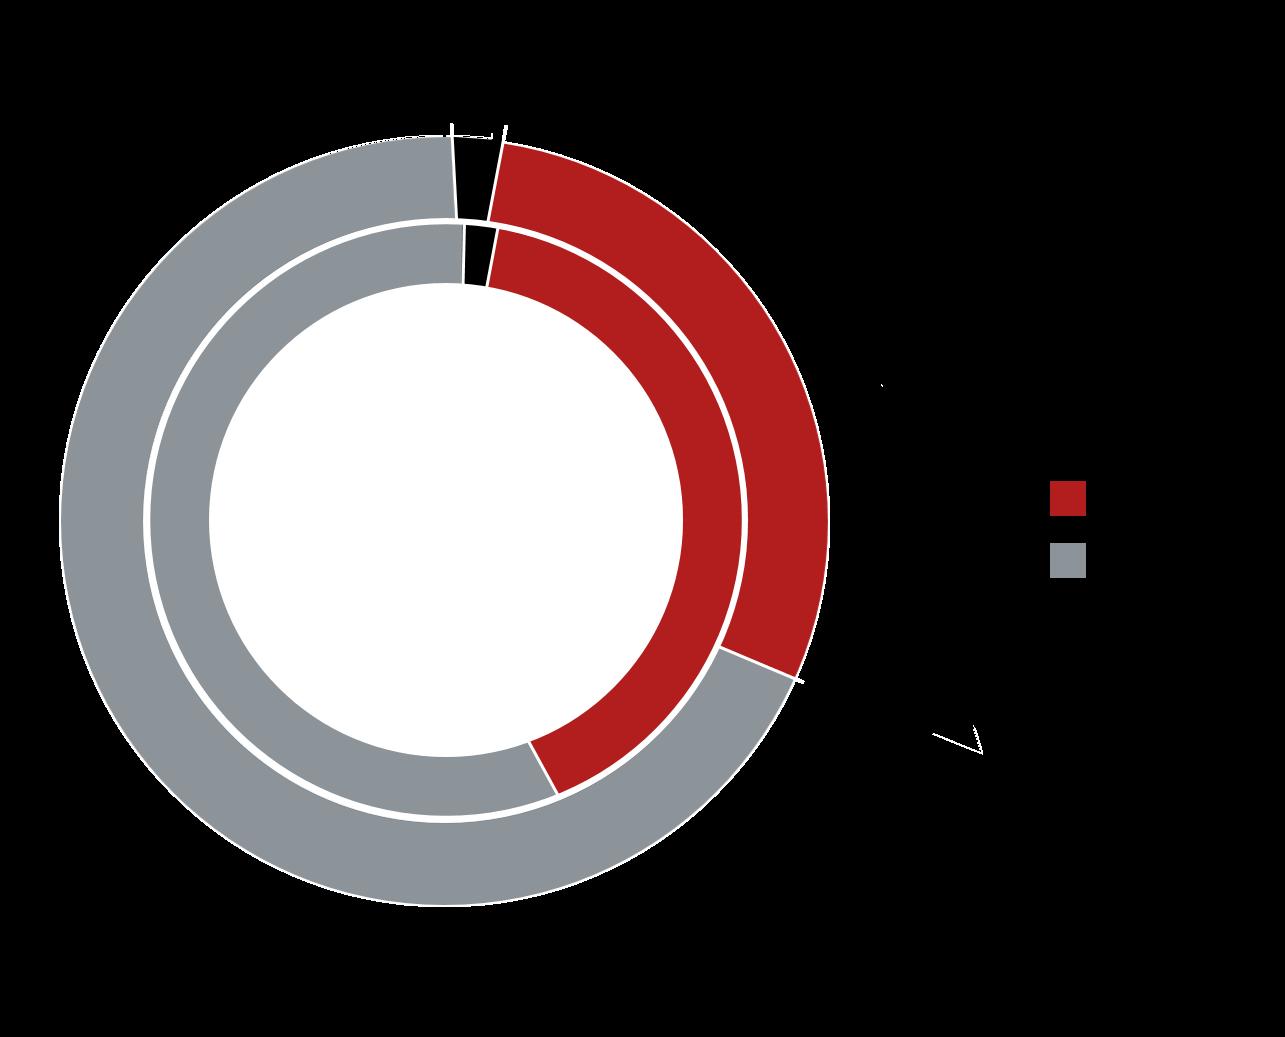 Структура предложения по классам  (апартаменты, внешний круг – II квартал 2021 г., внутренний – IV квартал 2020 г.)